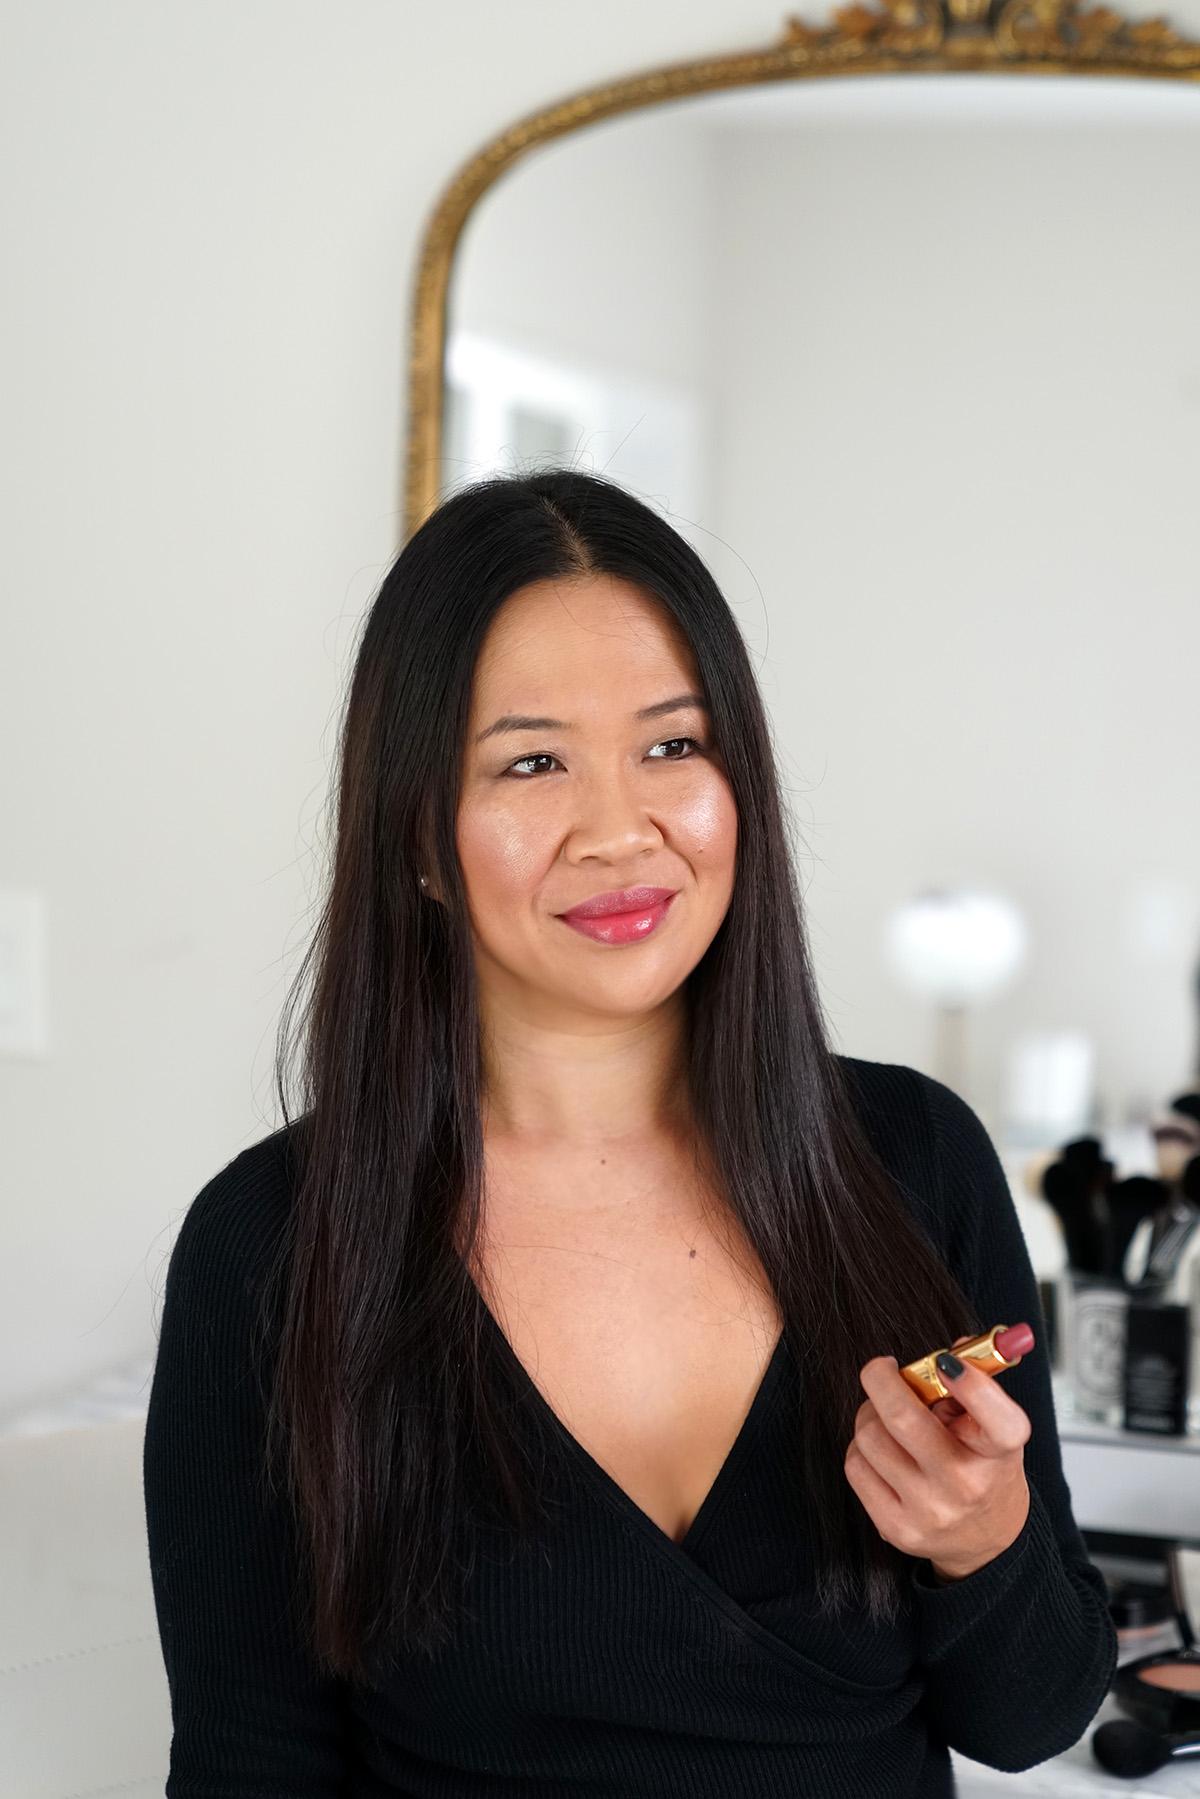 Look de maquillage Chanel des vacances 2019